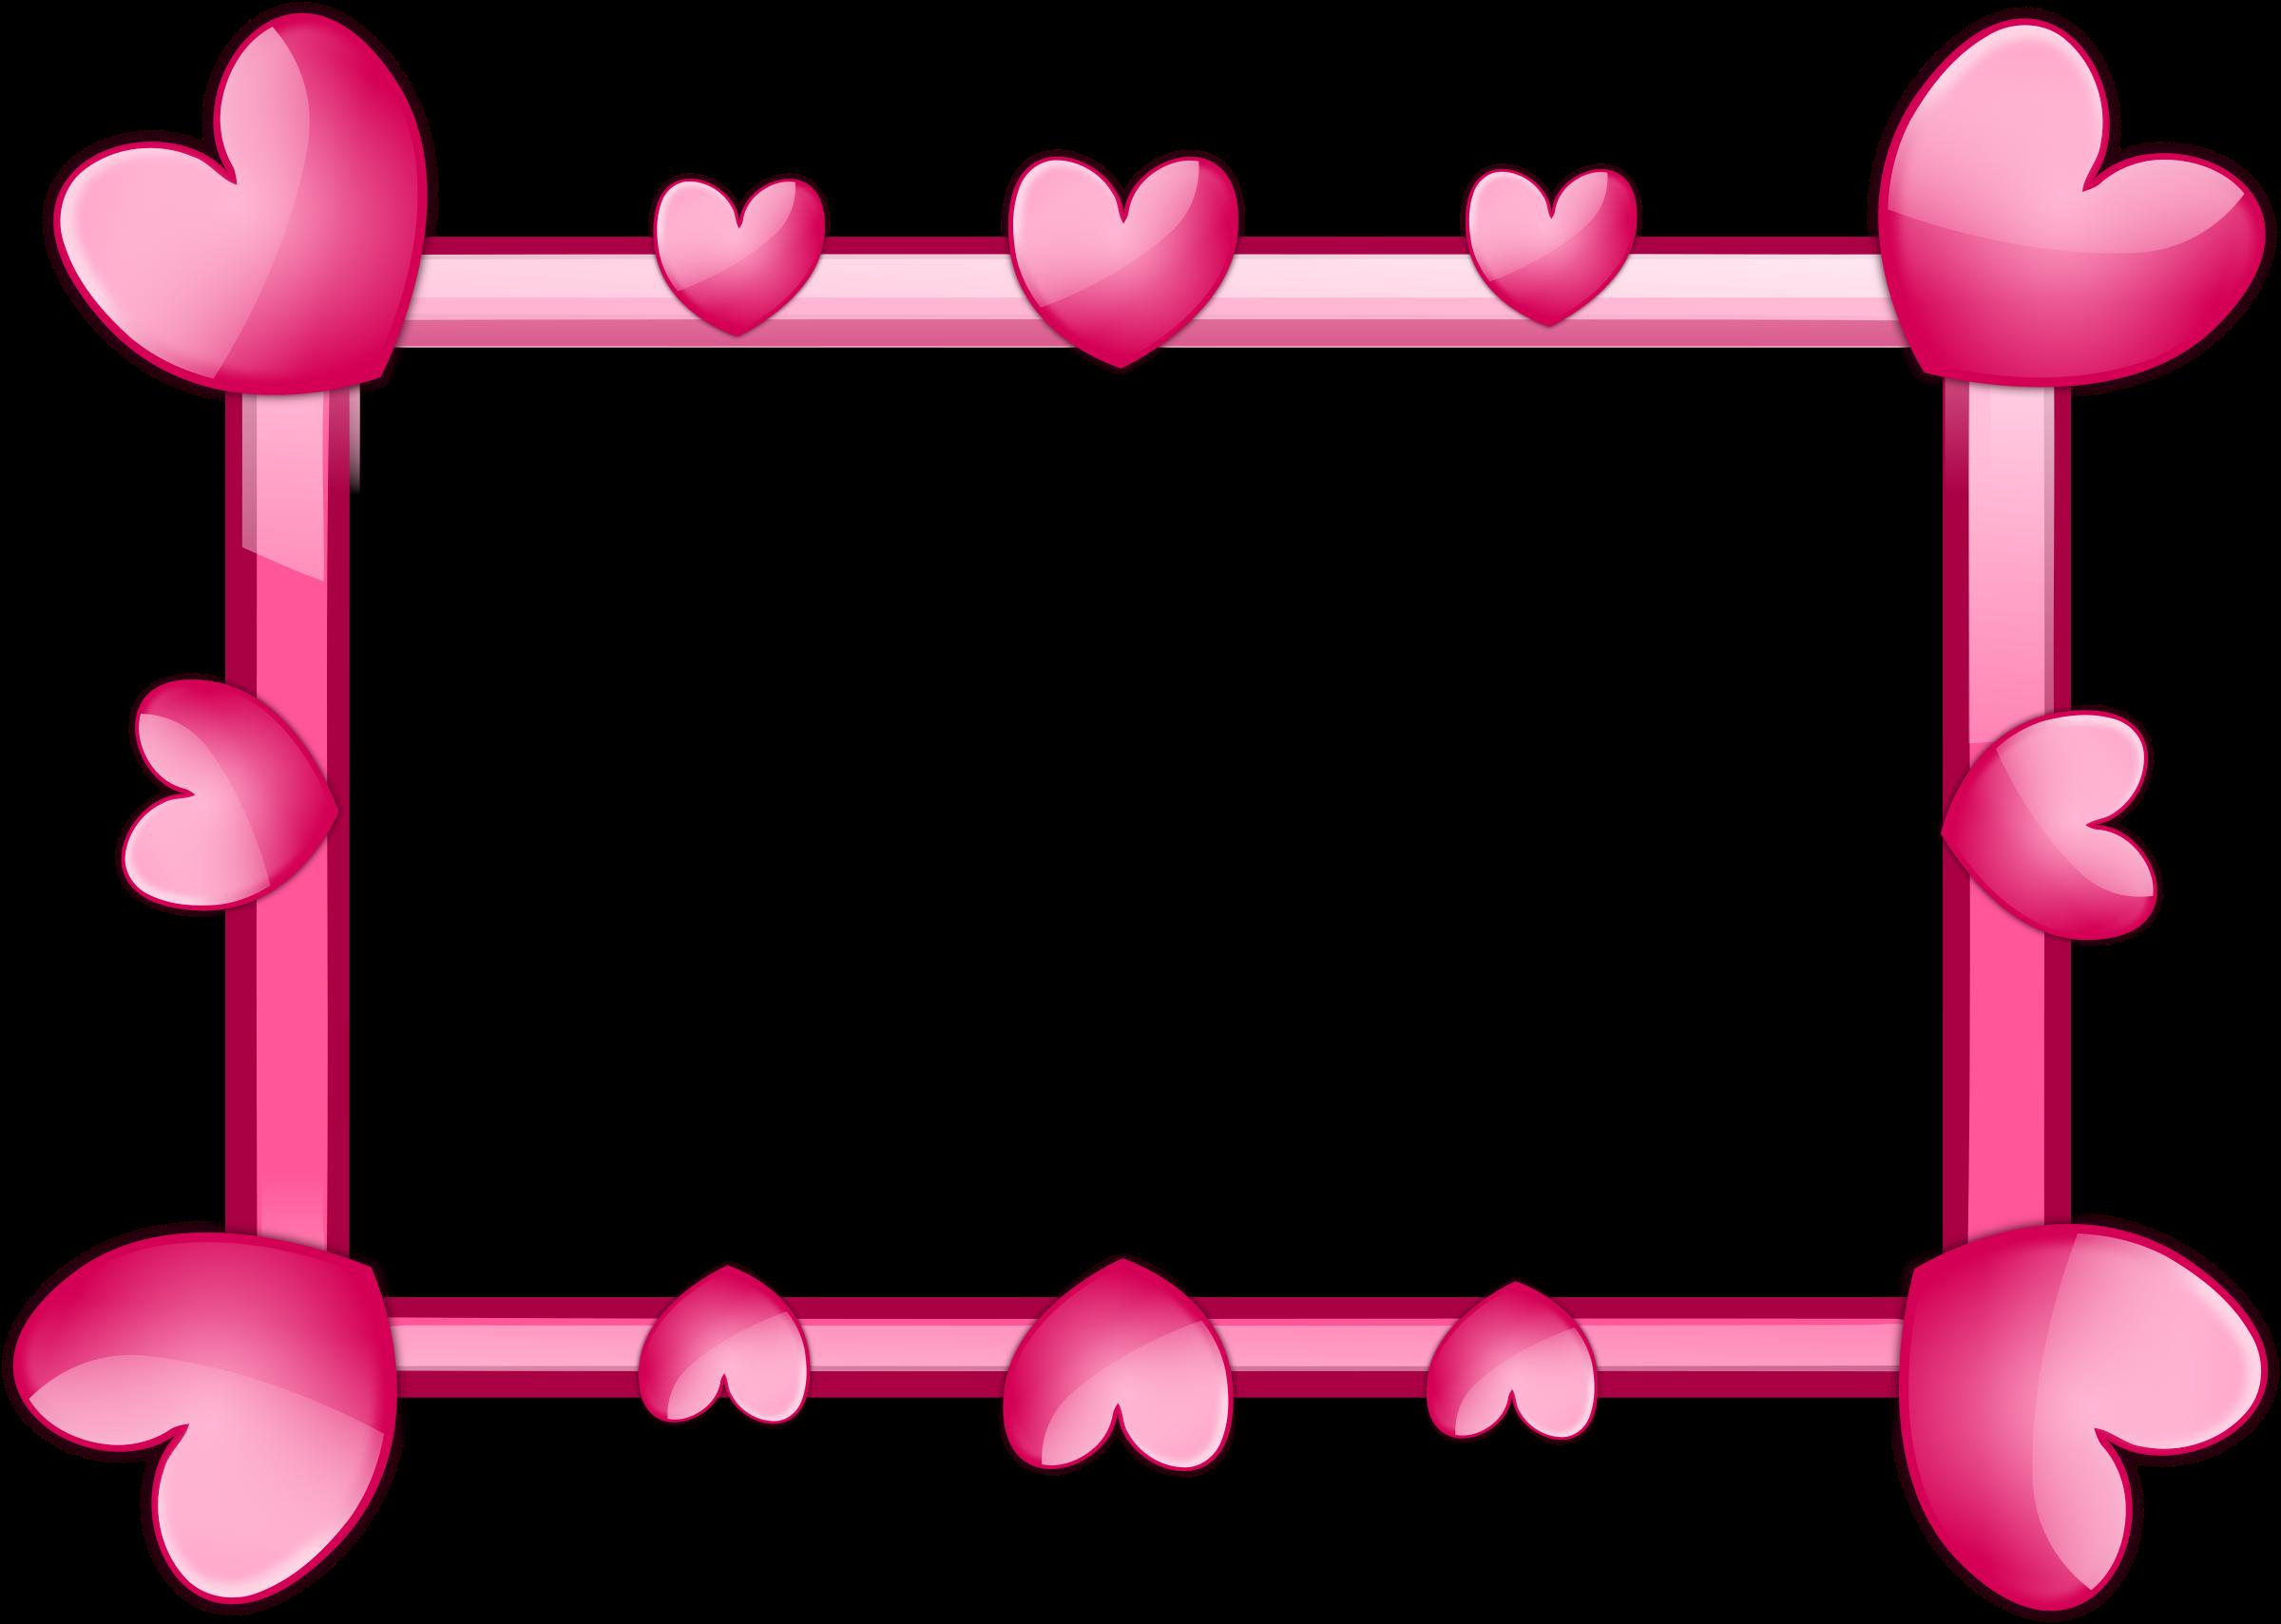 Frames clipart cartoon. Pink frame big image